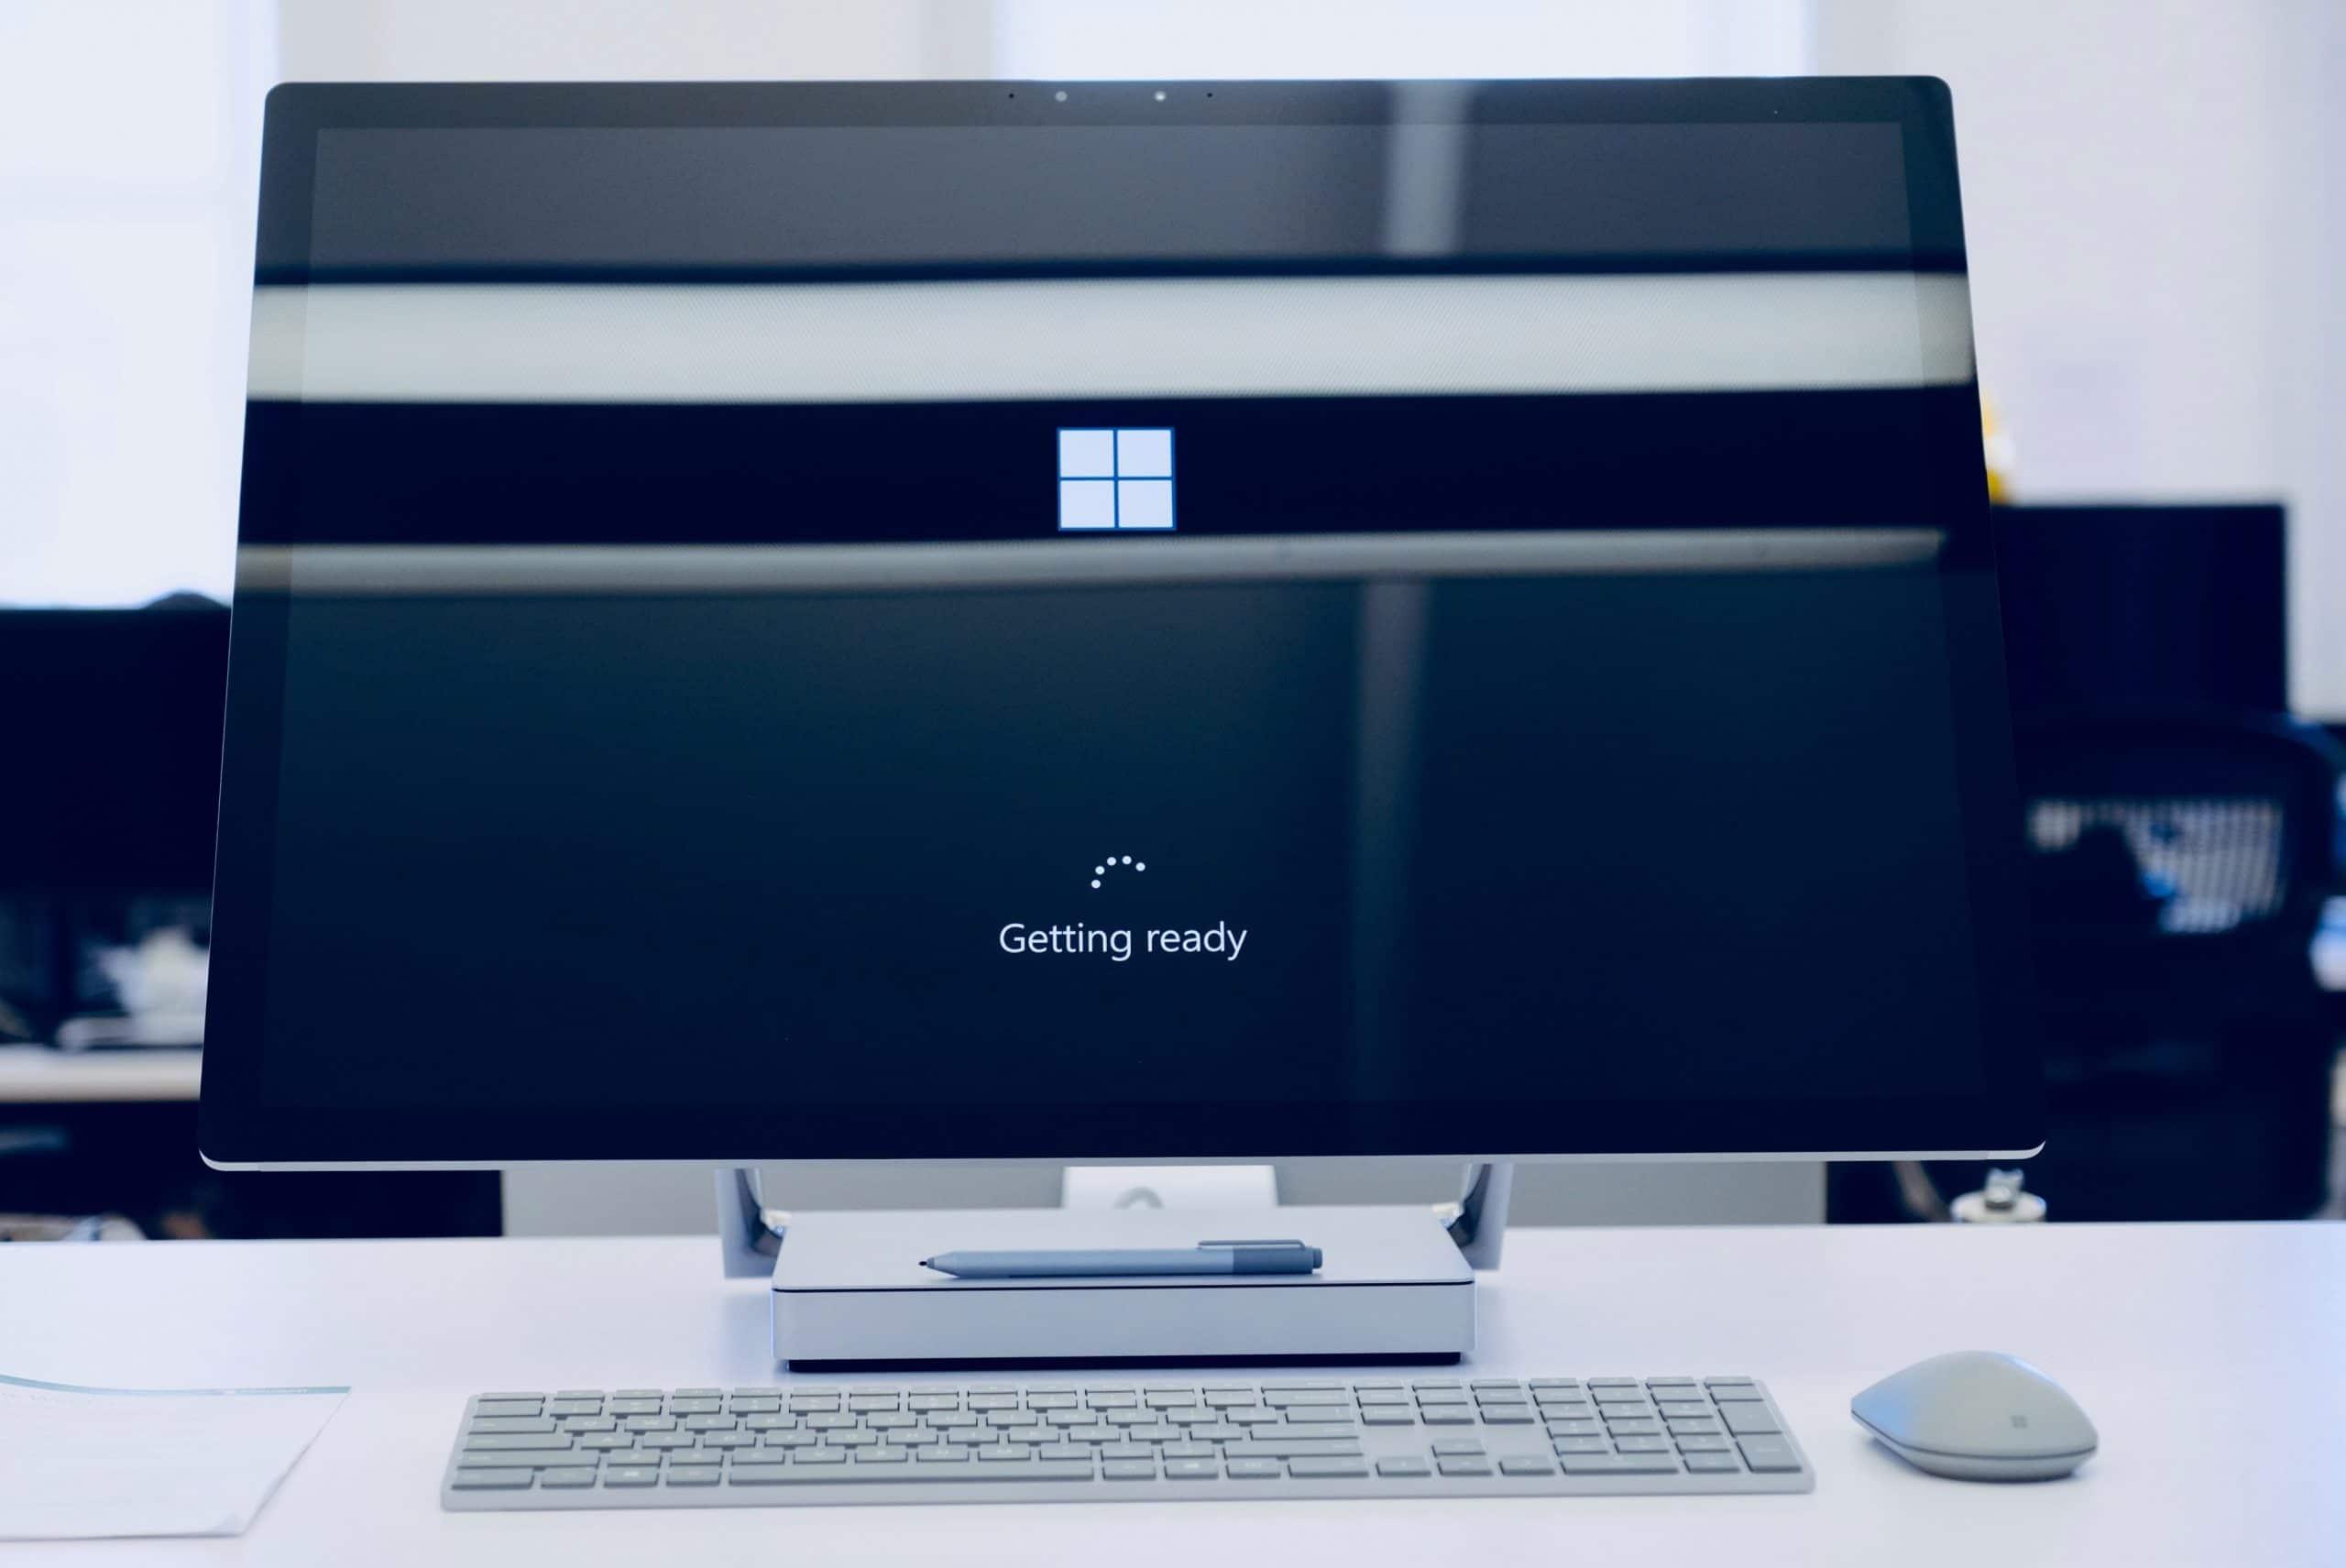 Comment installer Microsoft 365 - tutoriel vidéo